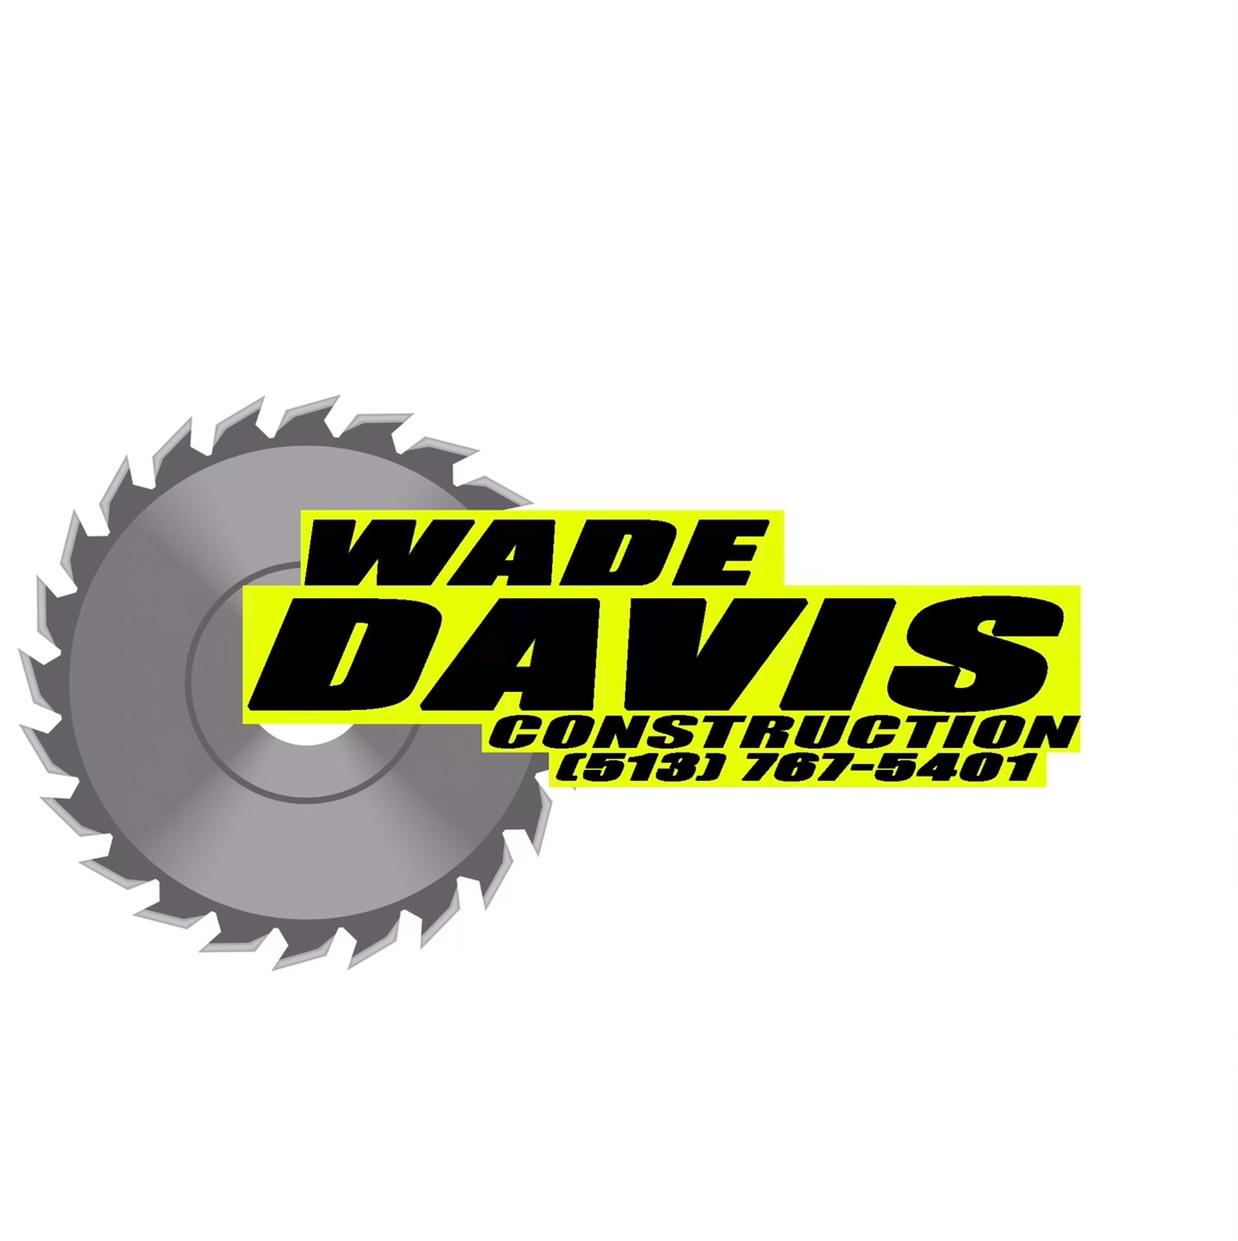 Wade Davis Construction  logo